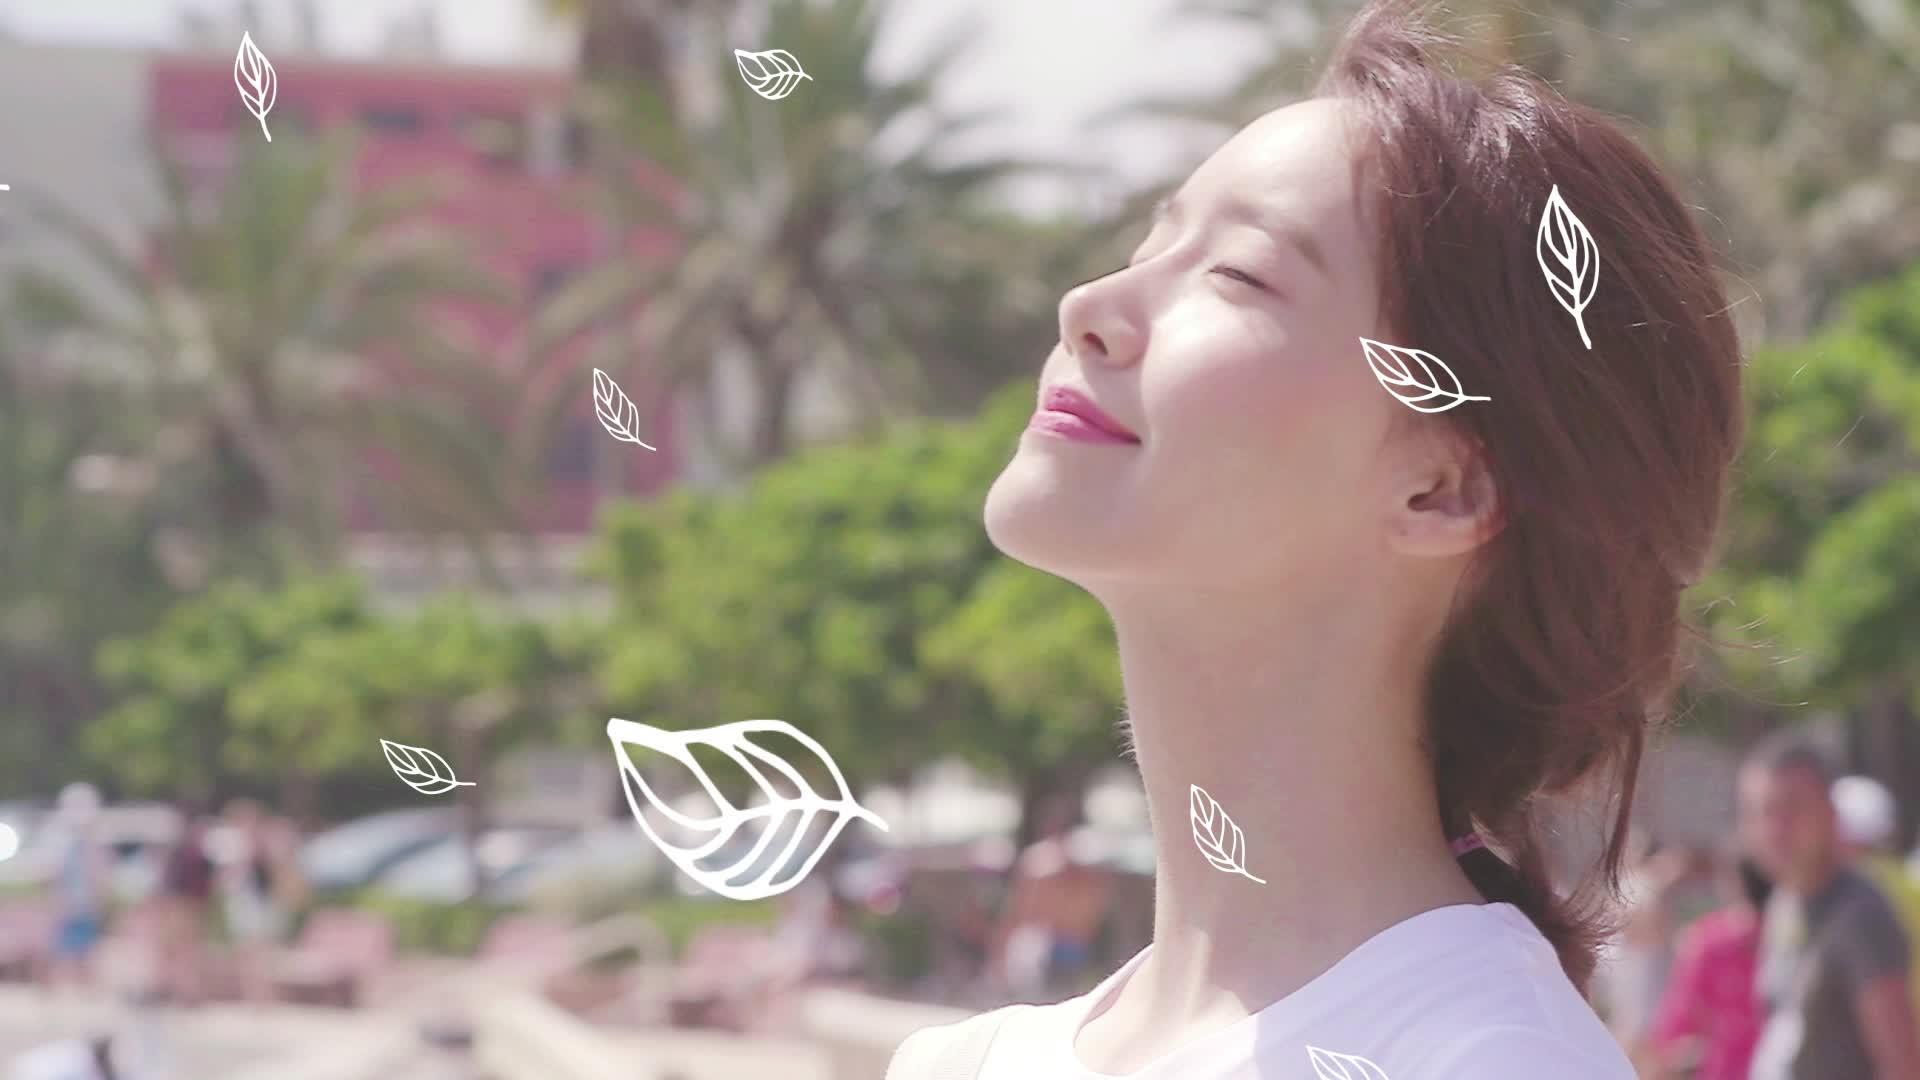 [소녀포레스트ㅣGIRLS FOR REST] EP01. 앙티브에서 시작된 Oh!GG의 쉼표 여행